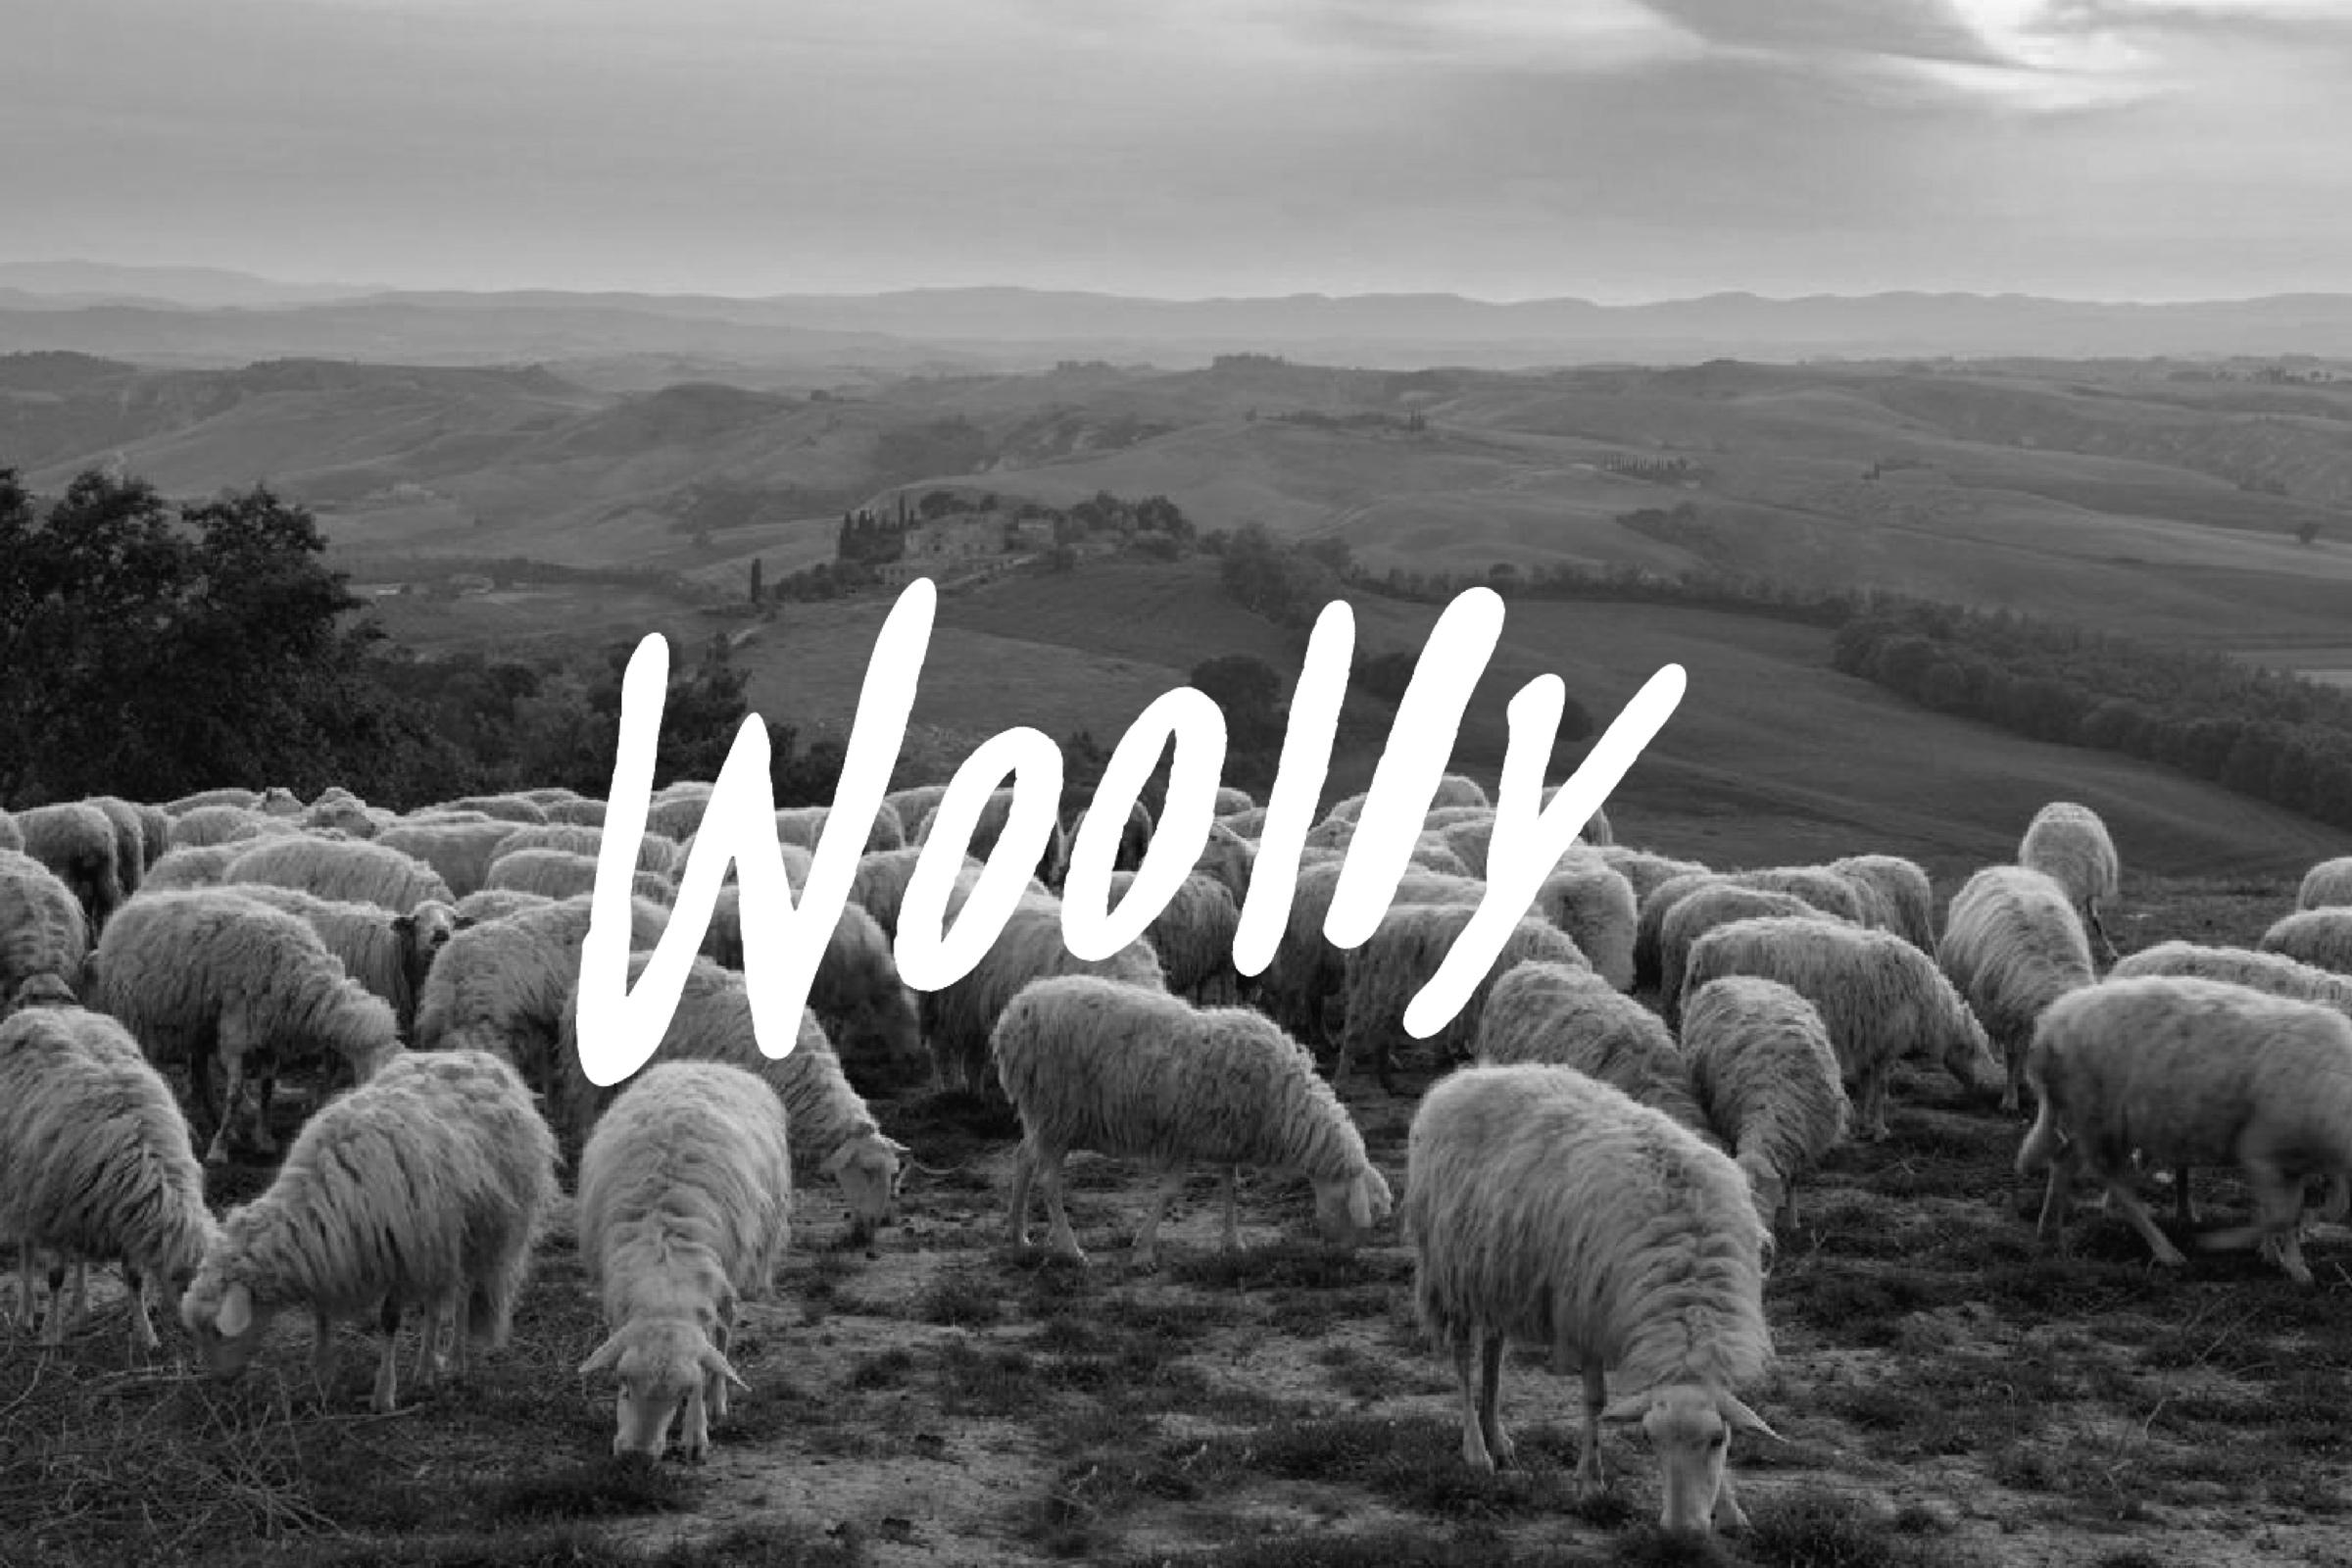 体温を取り込むワッフル状の生地を独自開発。ウール専門ブランド『Woolly/ウーリー』がウールブレンド糸を使用した『あったかワッフルハラマキ』の開発を開始